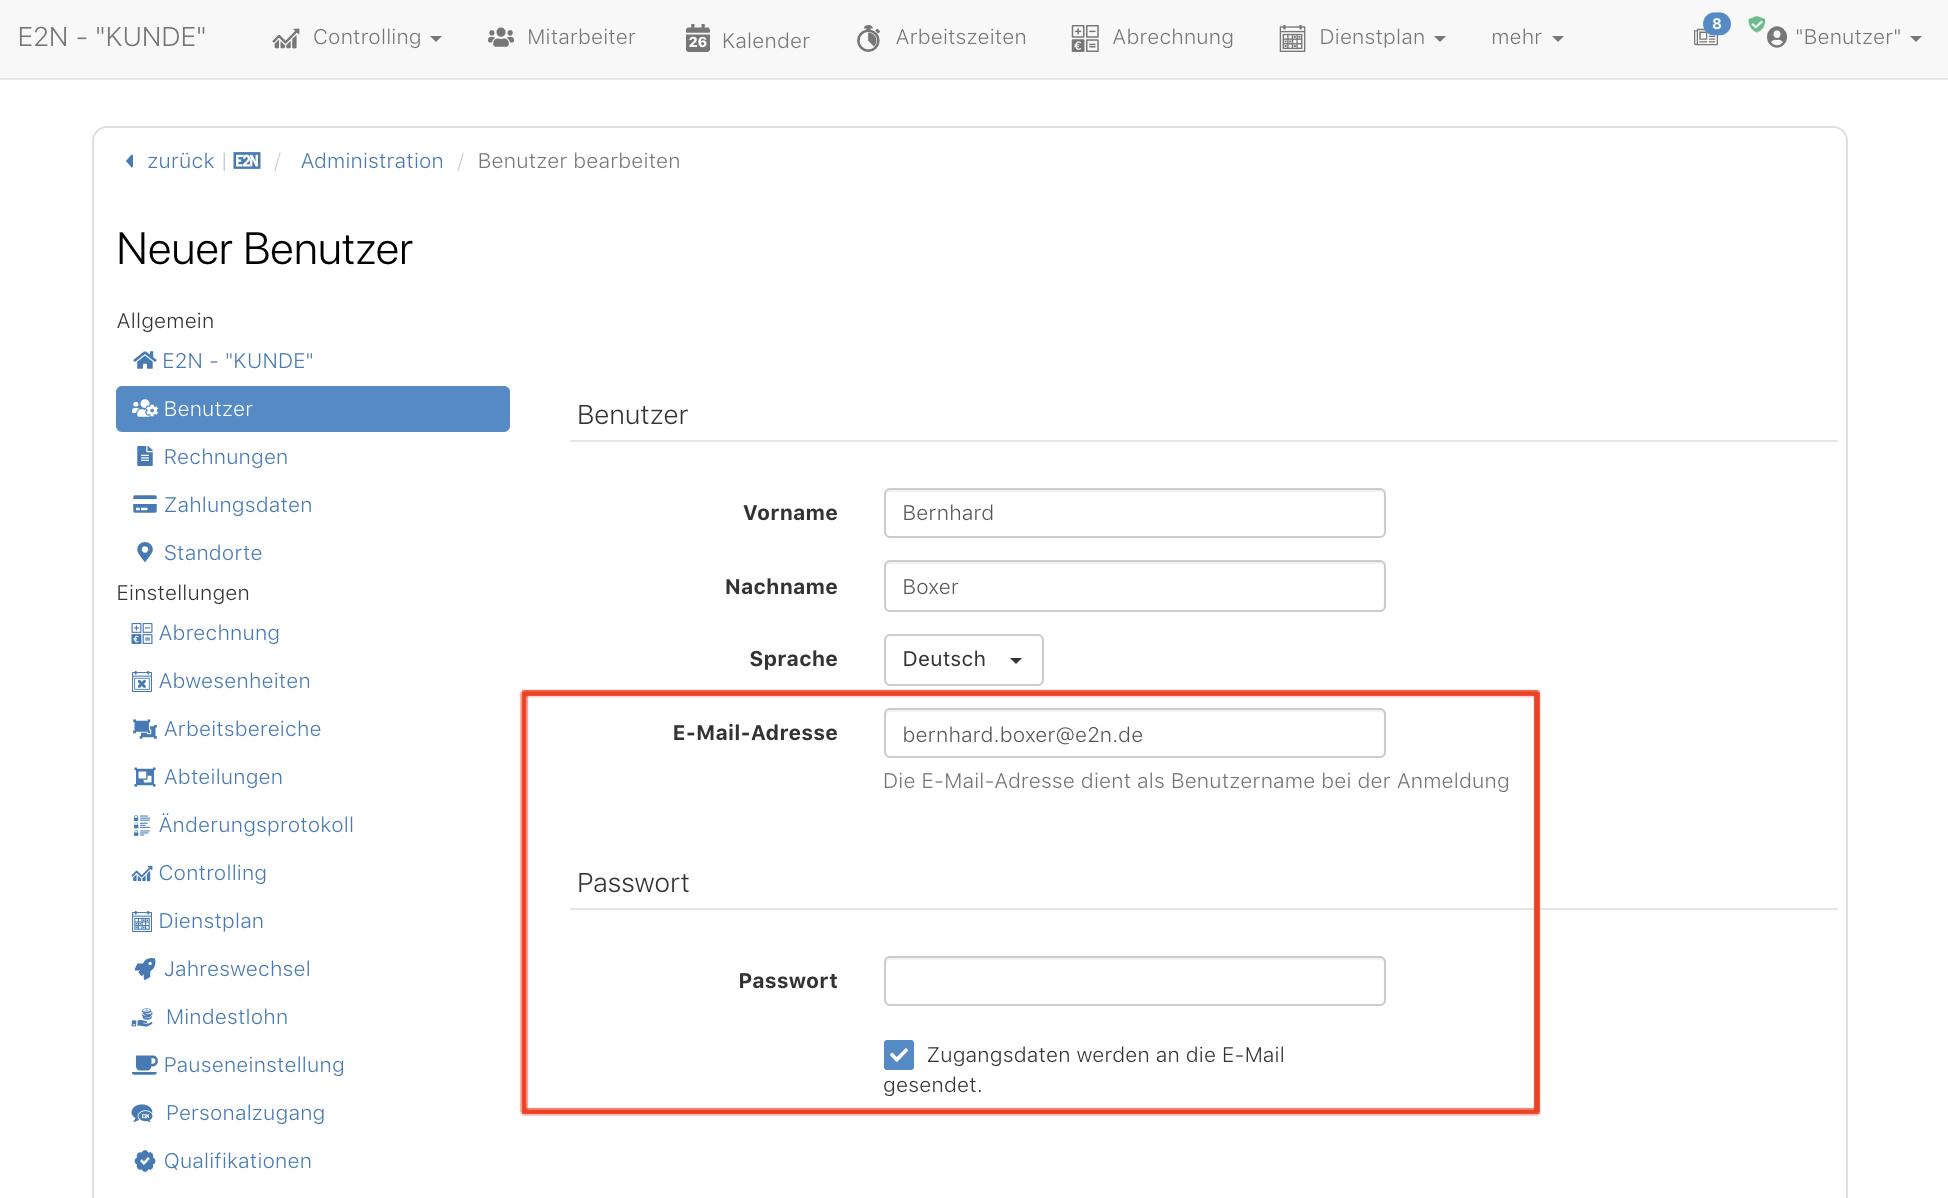 Benutzer_Zugangsdaten_zusenden.png